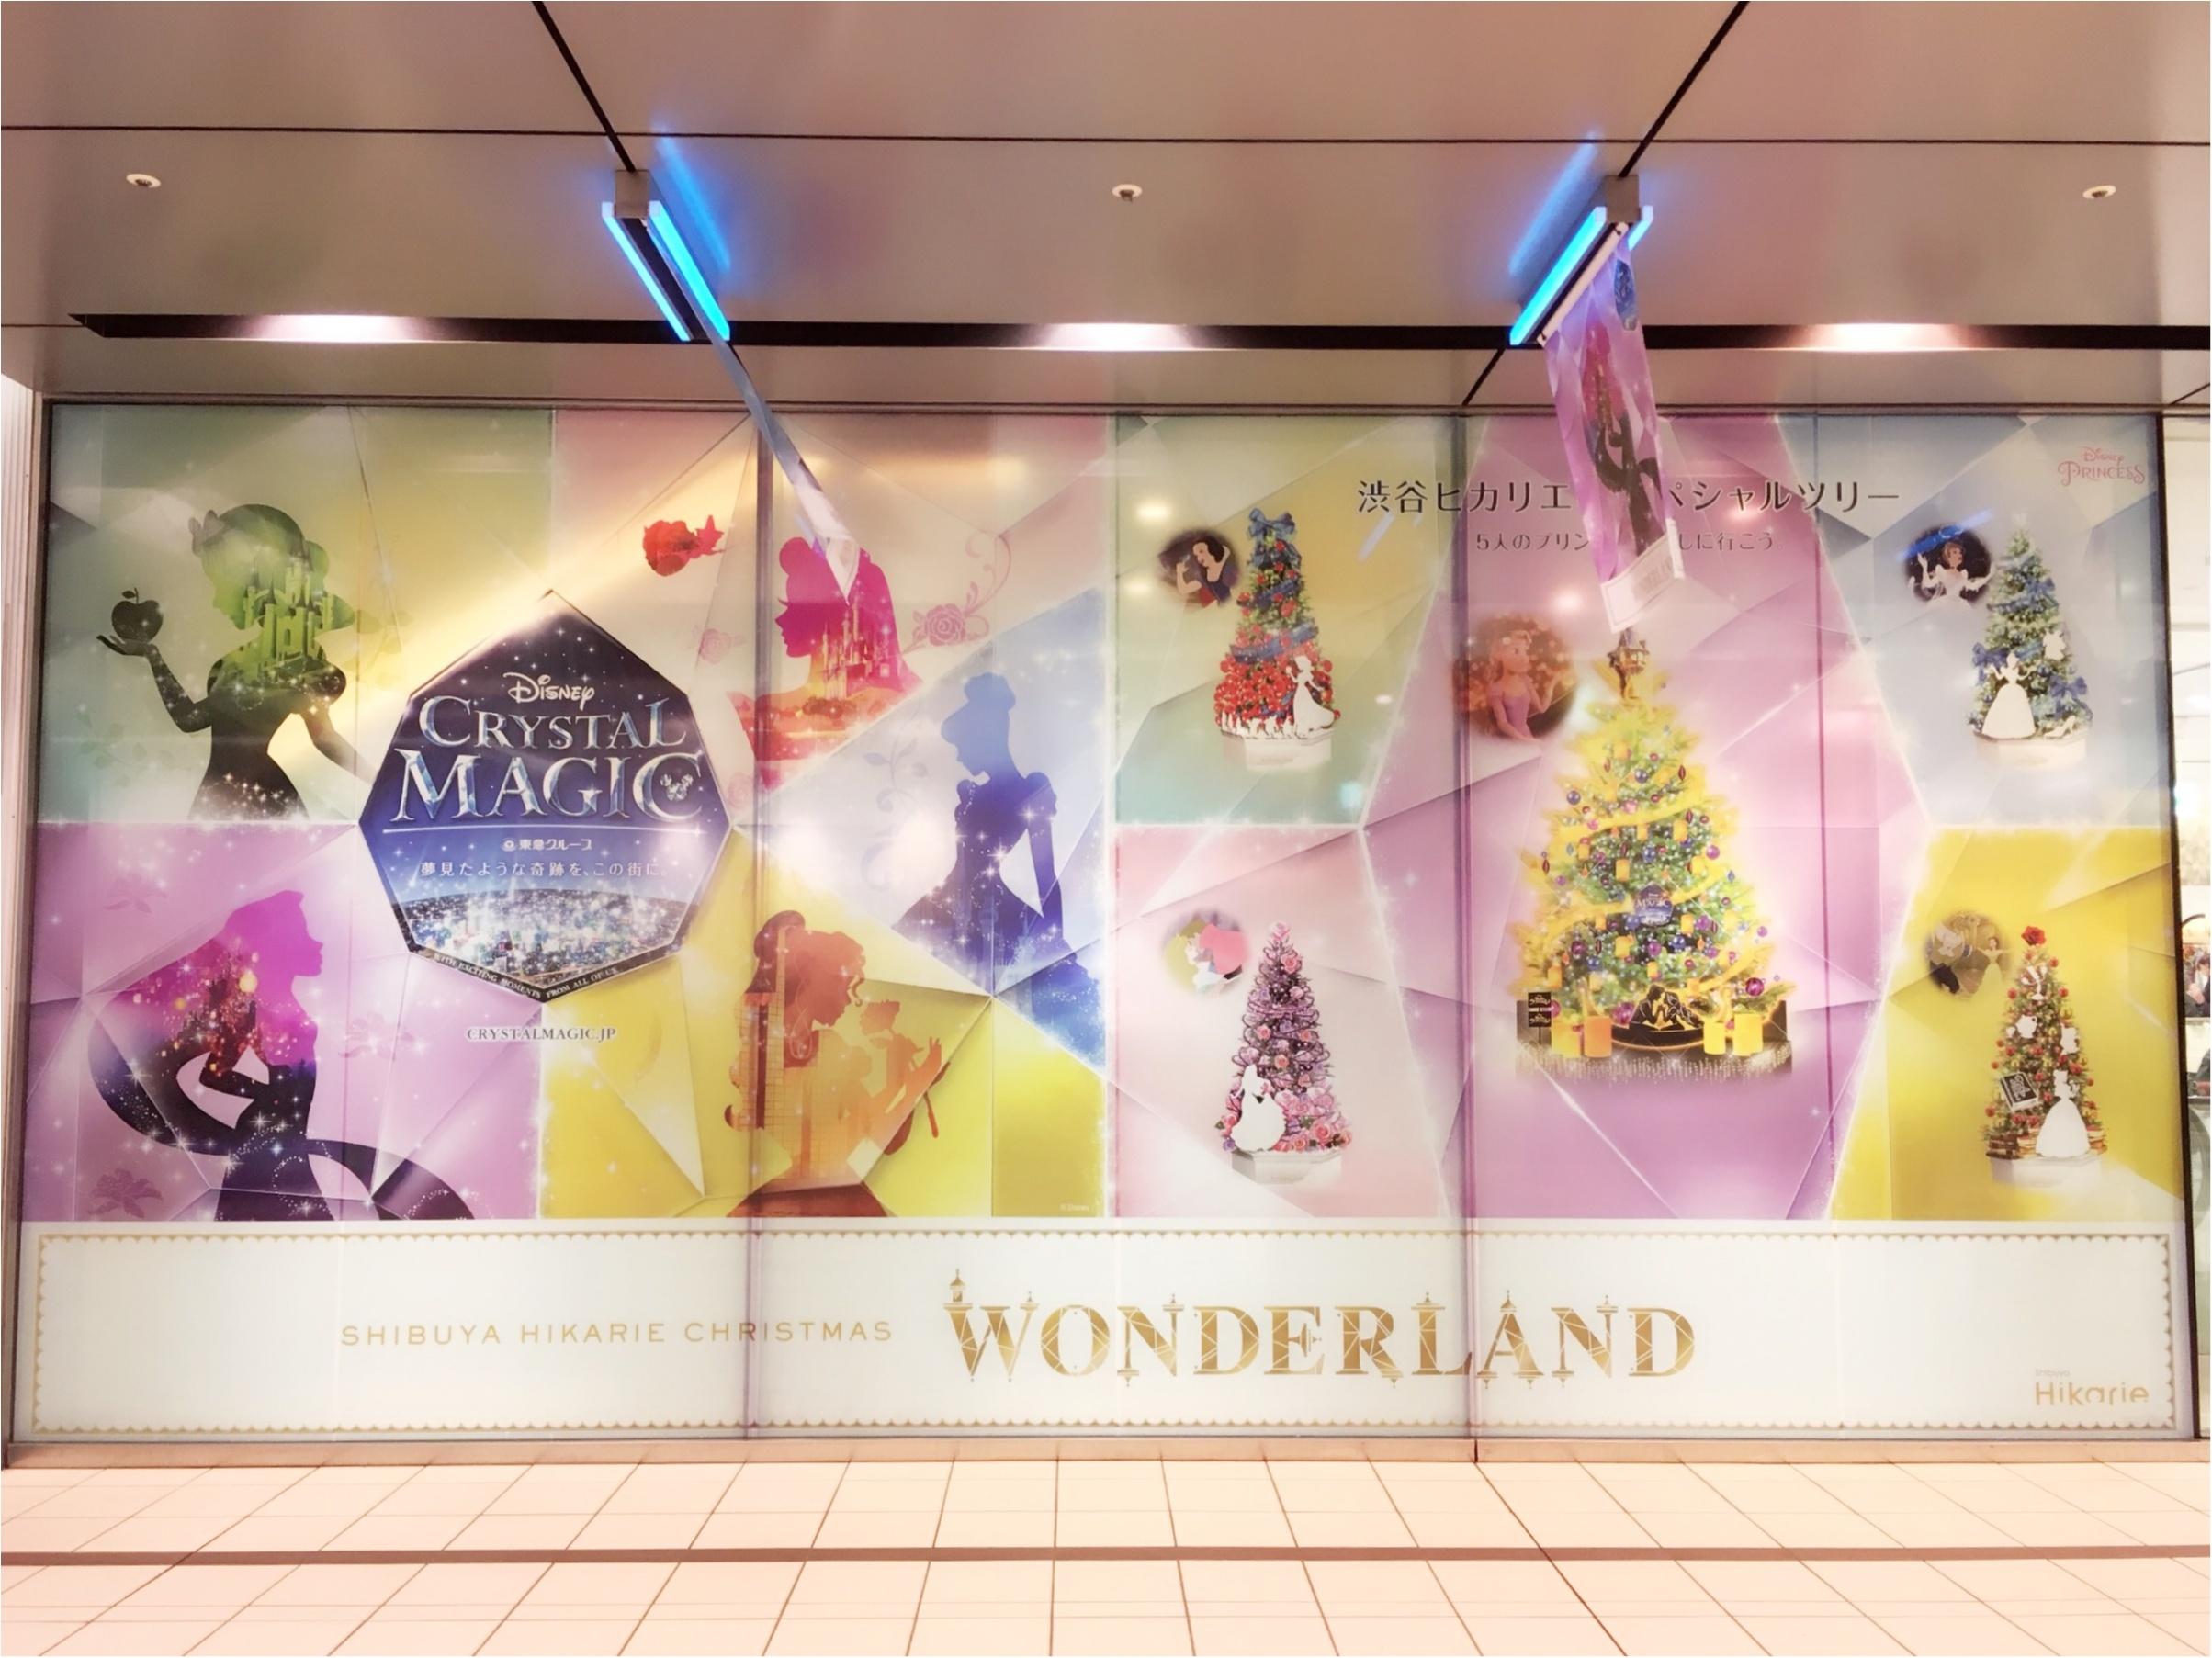 『渋谷ヒカリエ』のクリスマスはディズニープリンセスたちとコラボ♡『ラプンツェル・ツリー』点灯式に行ってきました(﹡´◡`﹡ )♡_2